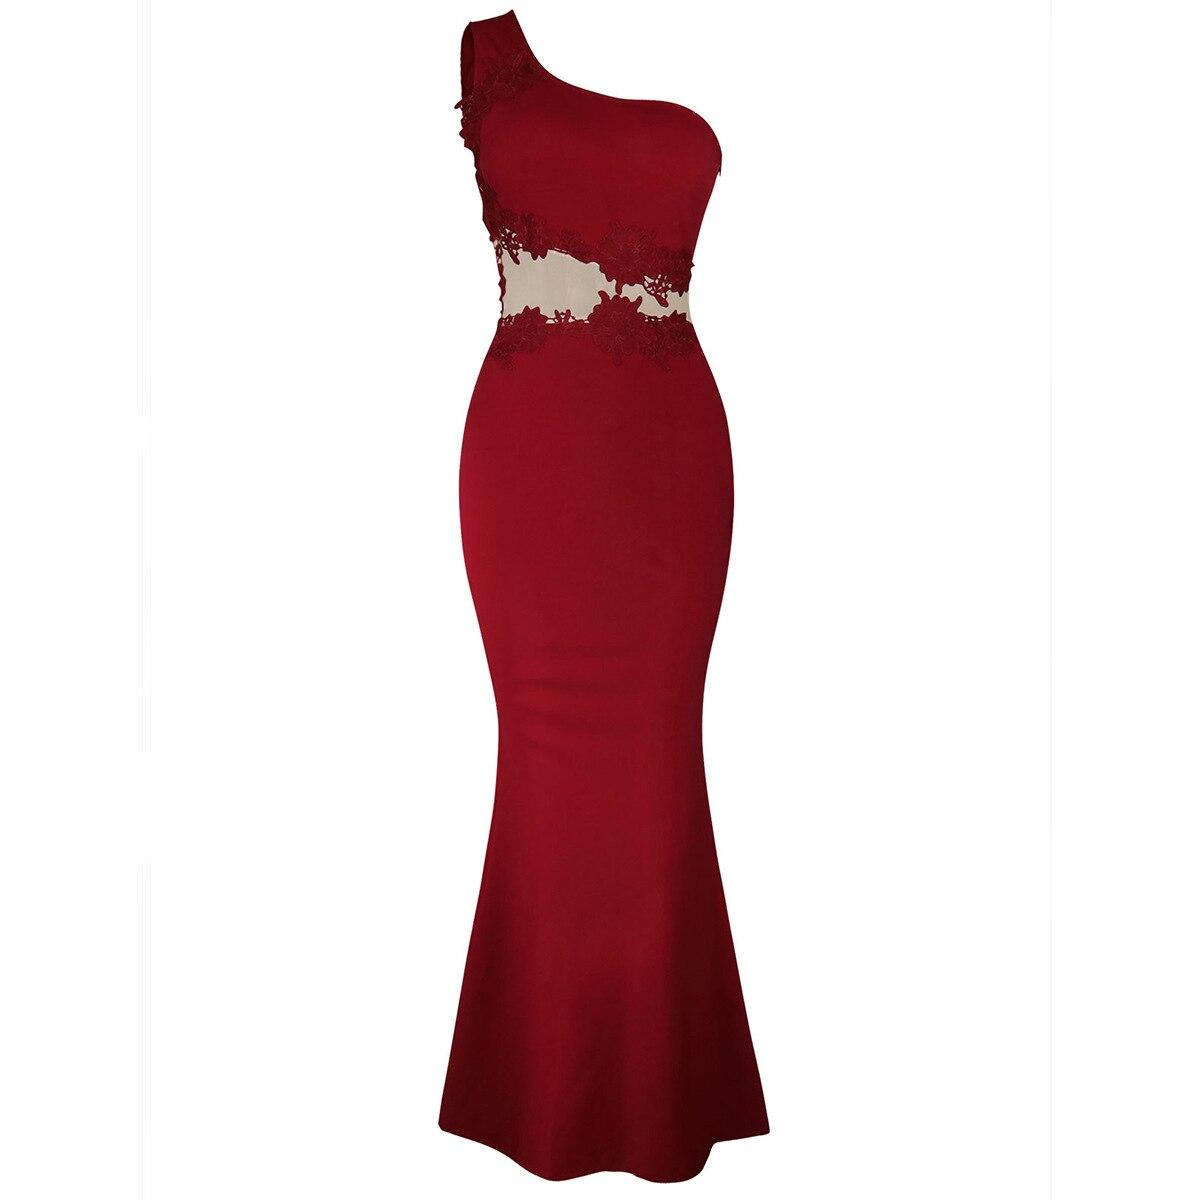 Oxiuly élégant bourgogne longue robe formelle fête élégante une épaule Sexy robe De bal robe De sirène robe De Festa